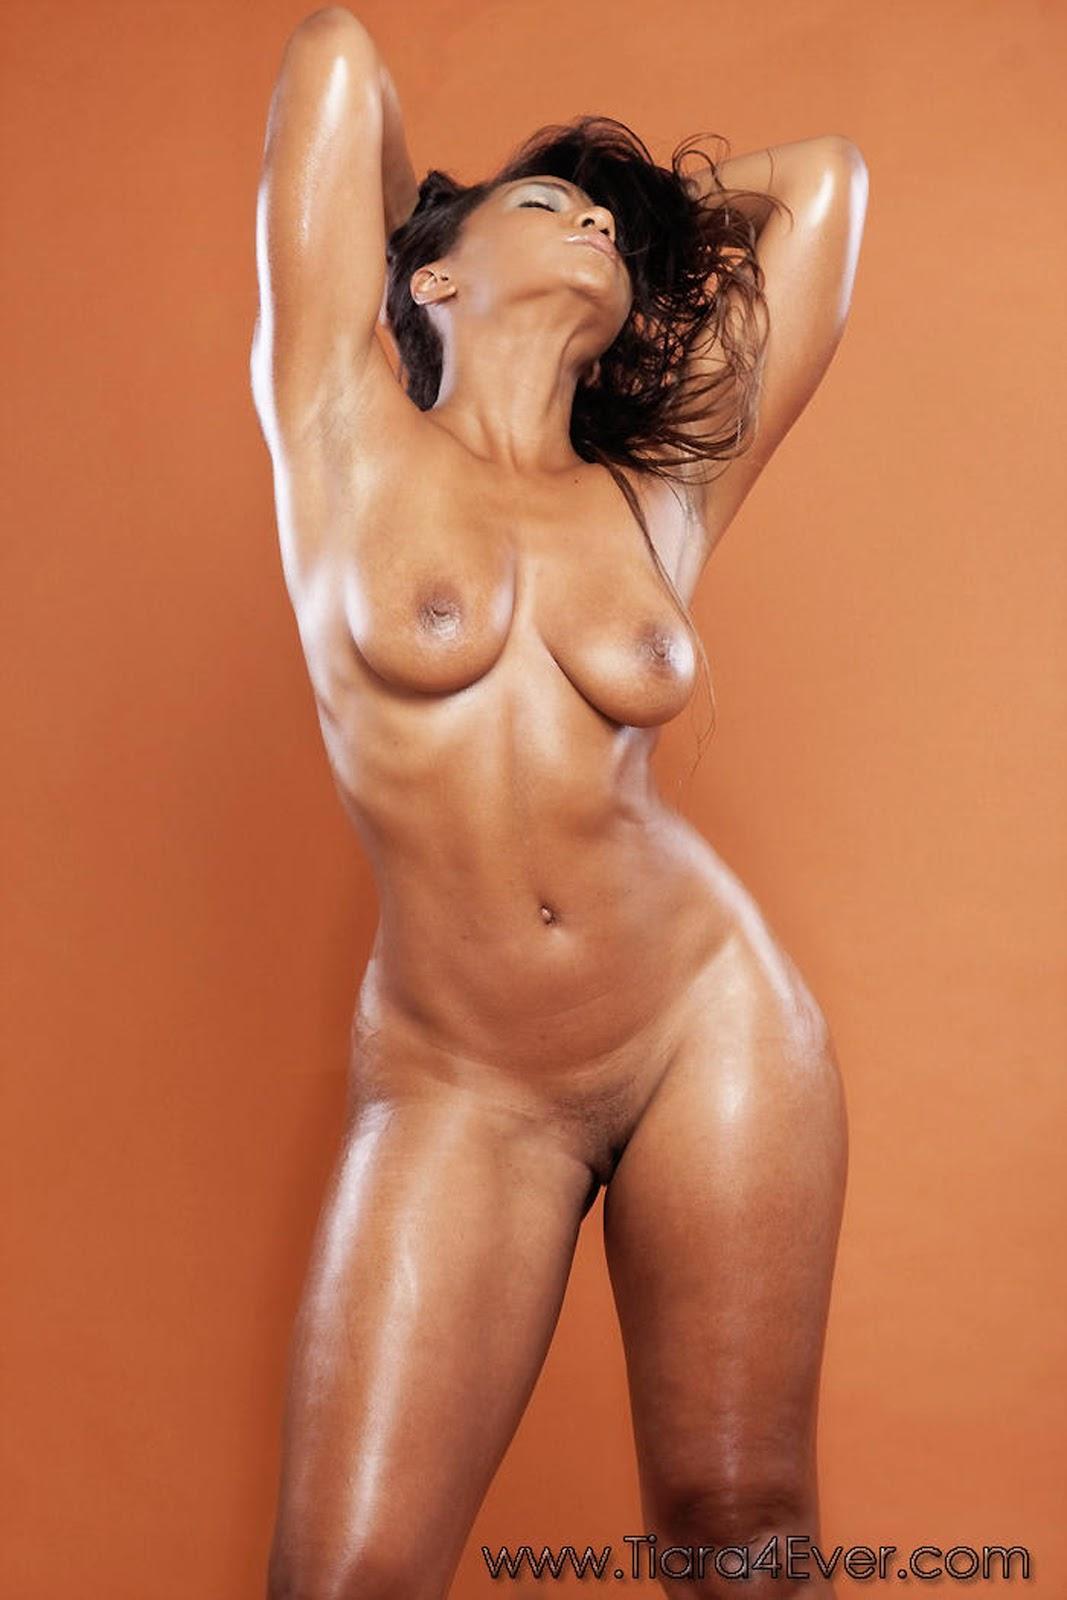 Tiara harris naked